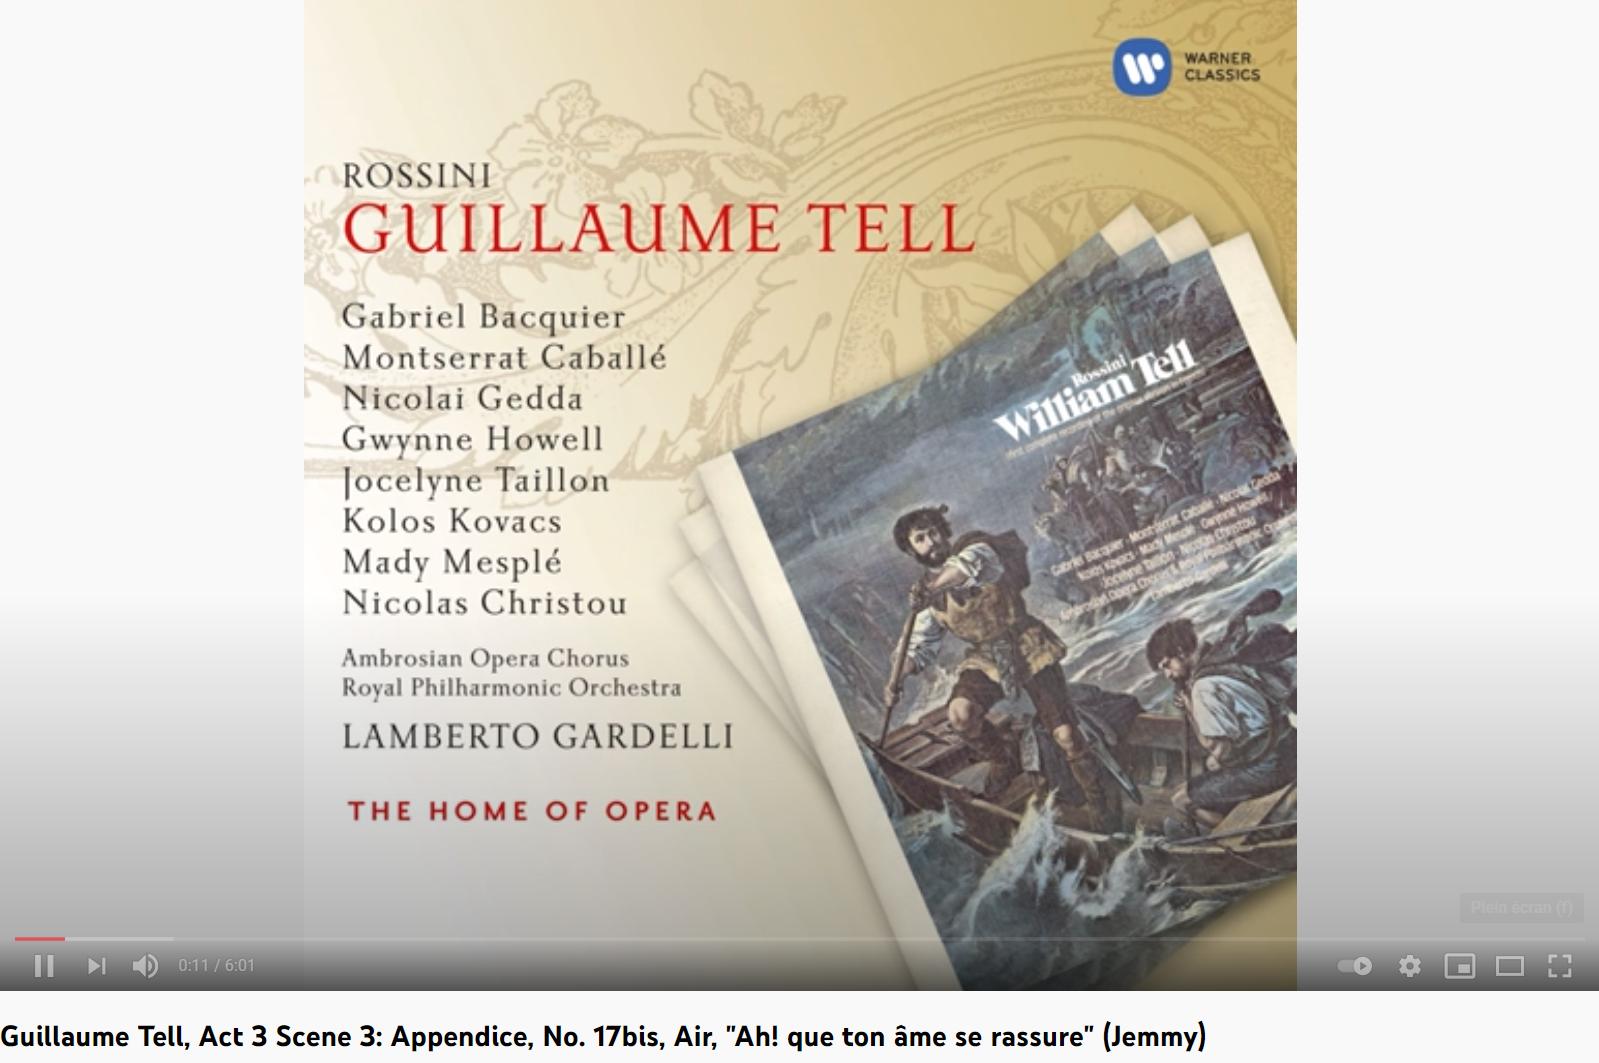 Rossini Guillaume Tell Ah que ton âme se rassure (Jemmy)